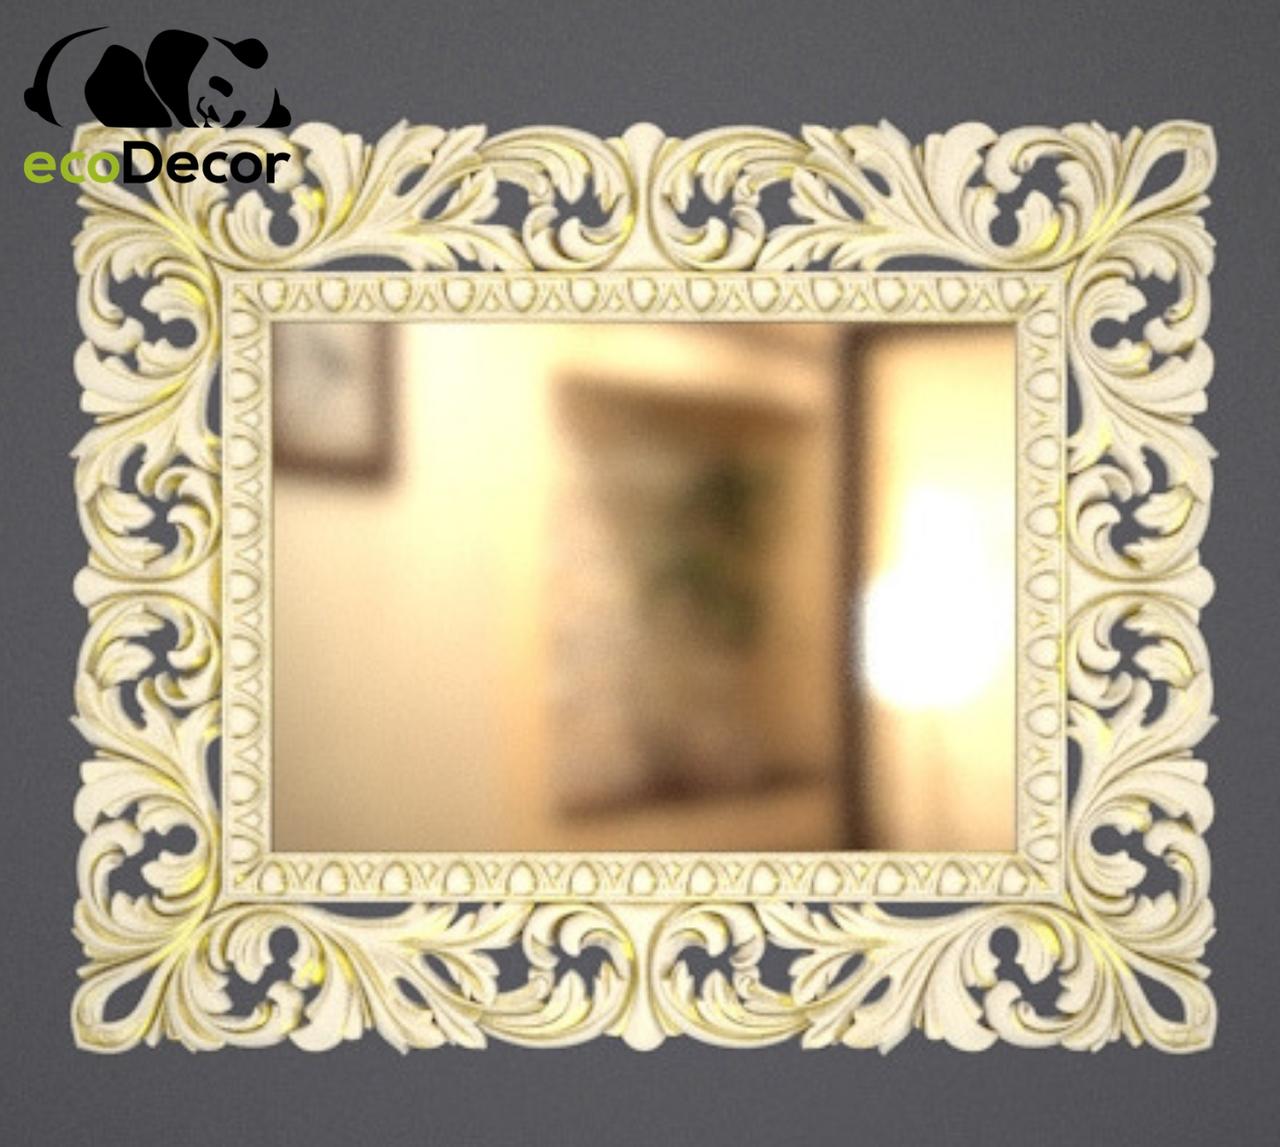 Зеркало настенное Dodoma в белой с золотой патиной раме